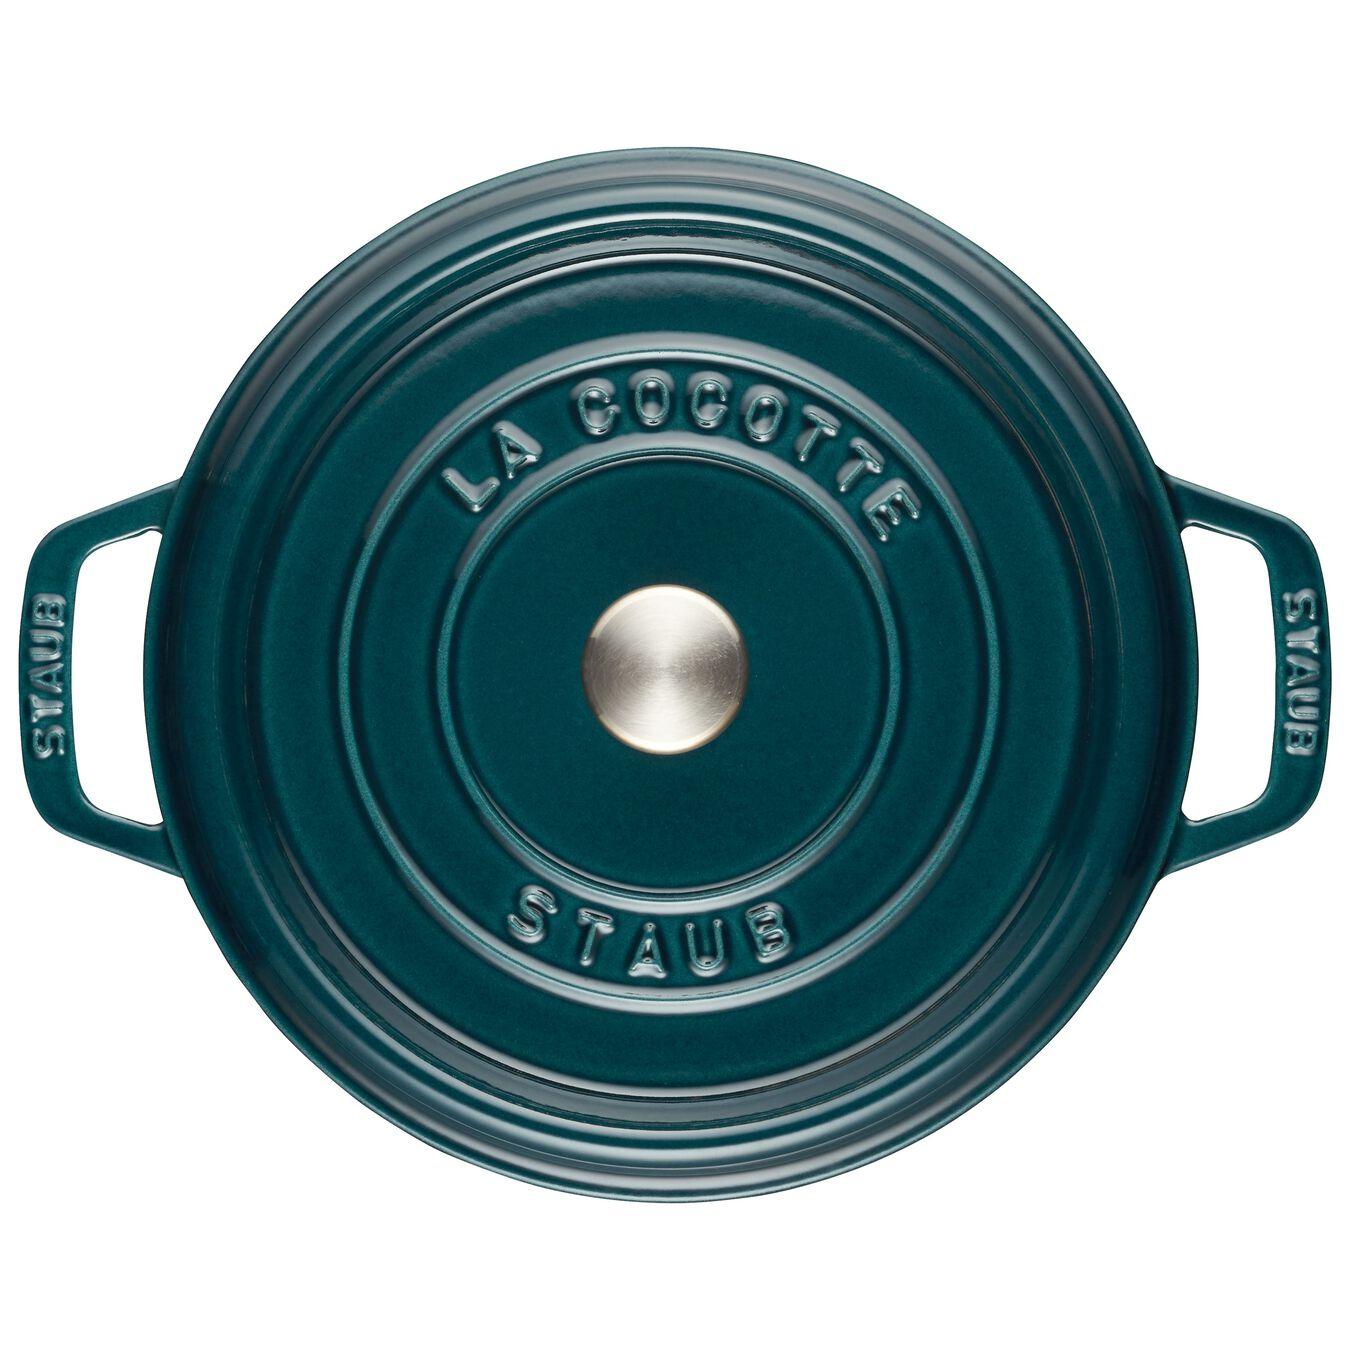 Cocotte en fonte 24 cm / 3,8 l, Rond, Blue La-Mer,,large 2